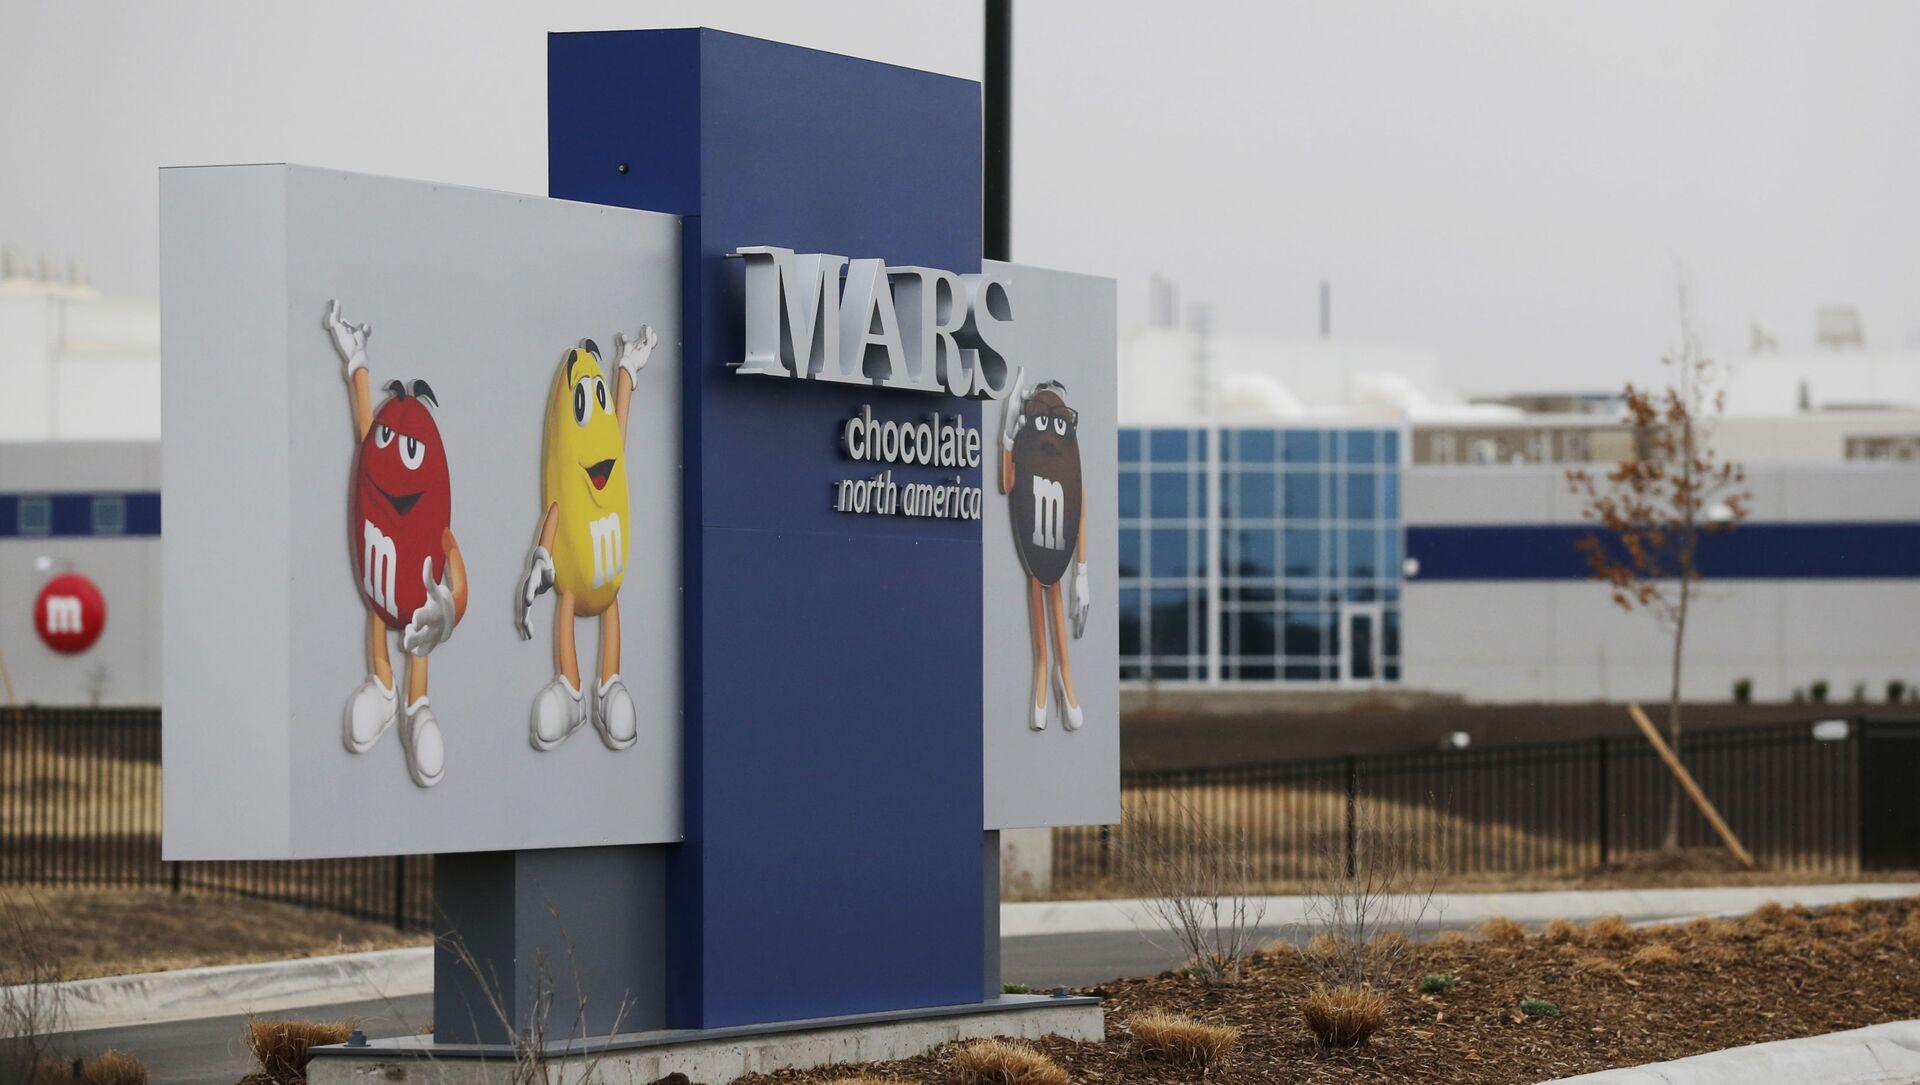 Vchod do závodu společnosti Mars Inc. v americkém Kansasu. Ilustrační foto - Sputnik Česká republika, 1920, 02.03.2021